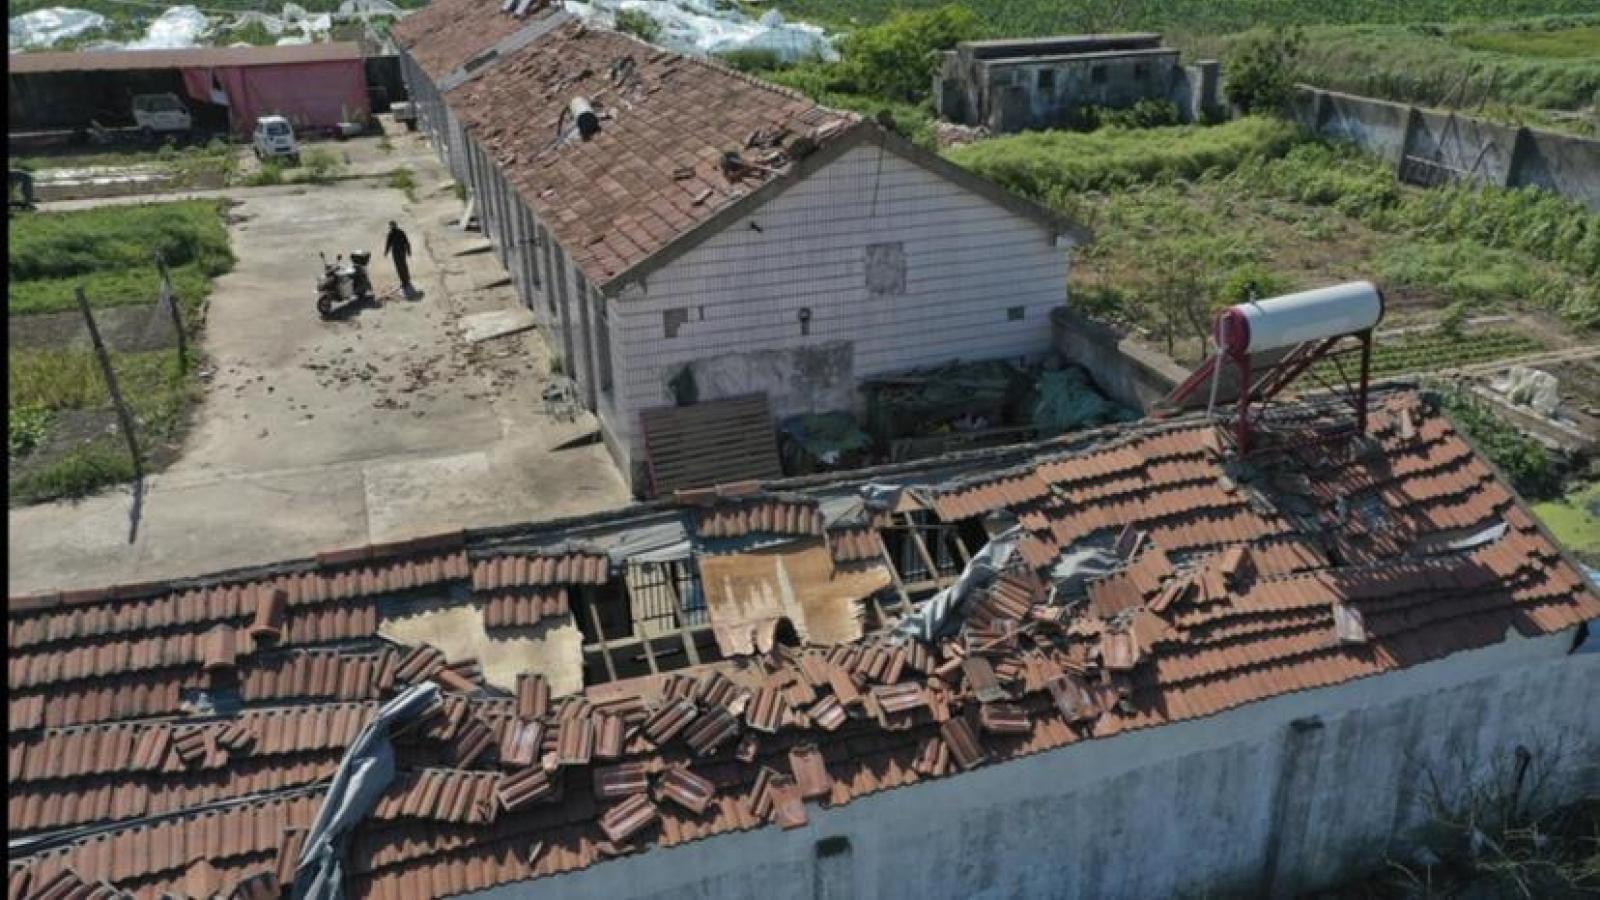 Bão mạnh quét qua tỉnh Giang Tô (Trung Quốc) làm 11 người thiệt mạng